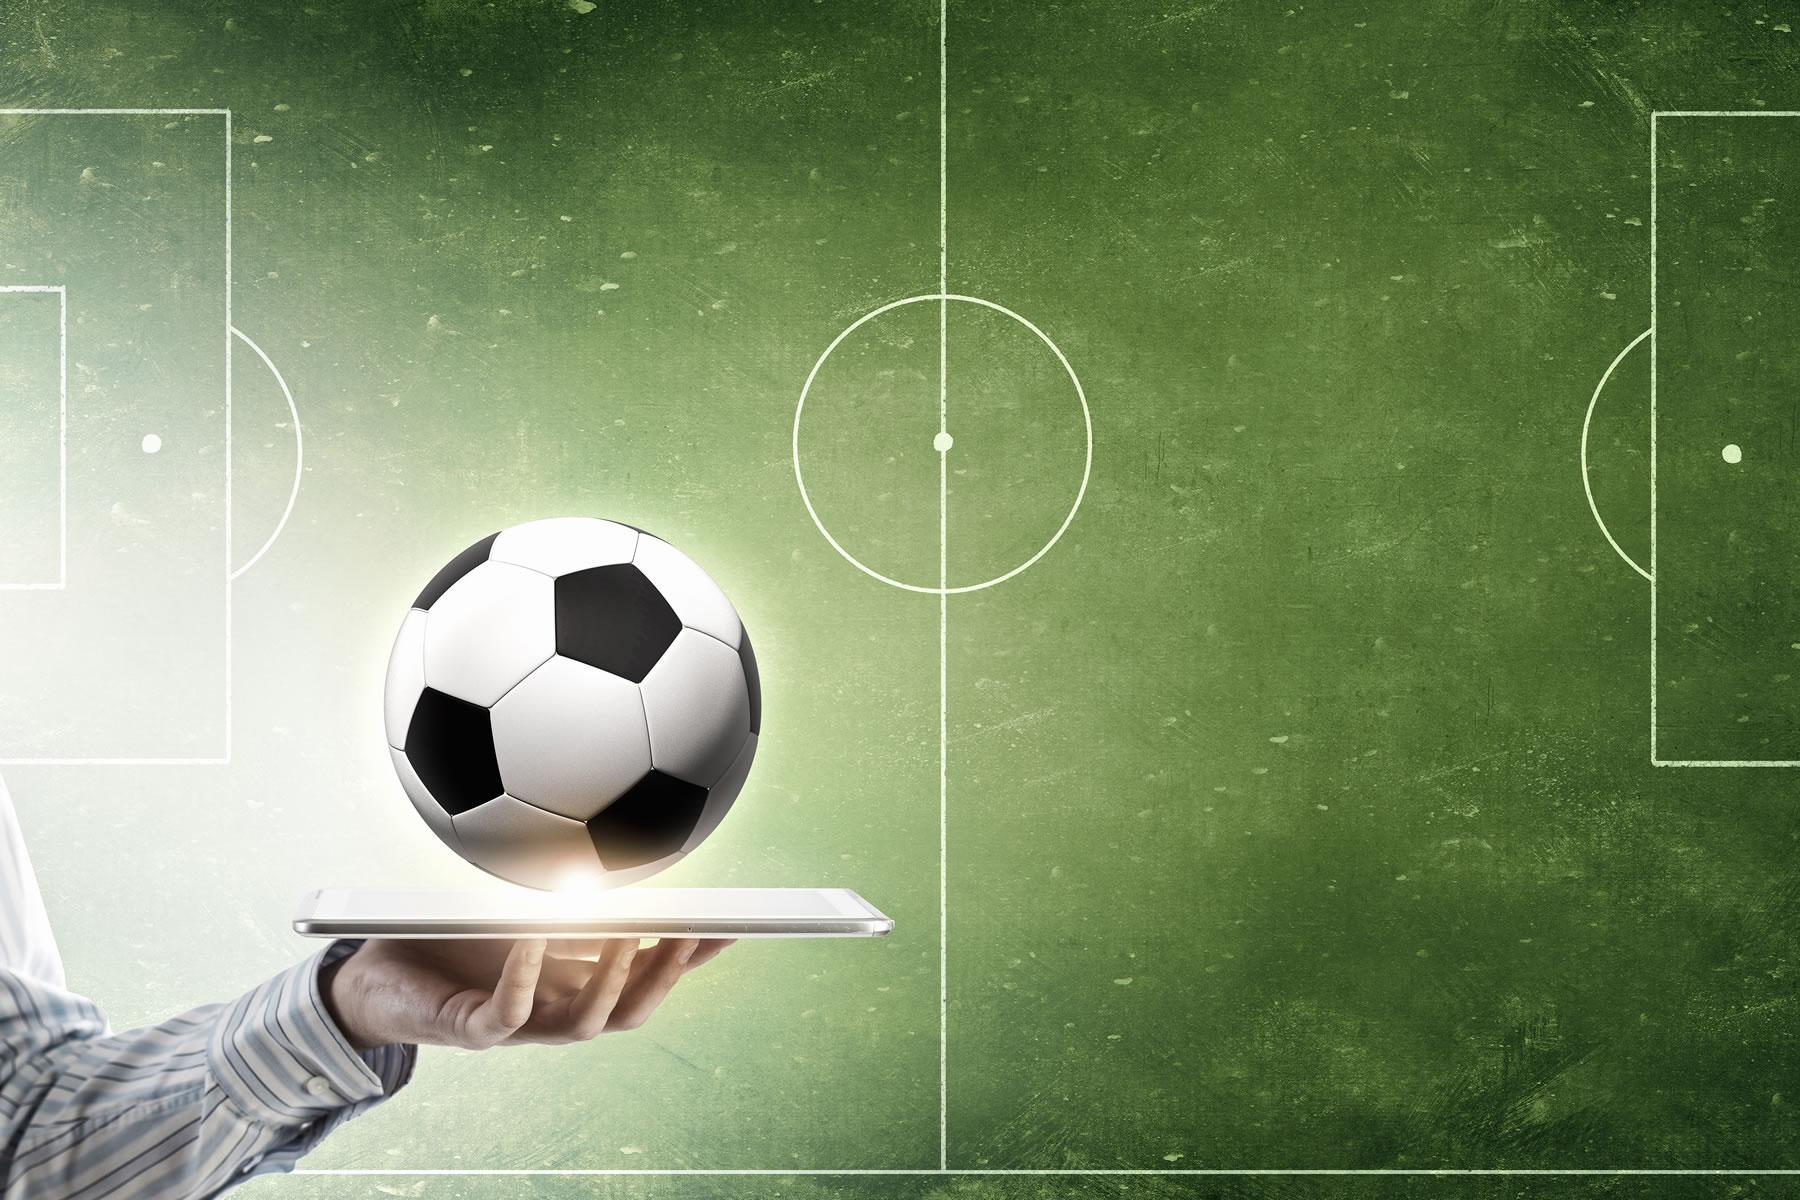 Deze Voetbalquiz is ontwikkeld voor de voetbalkenners onder ons